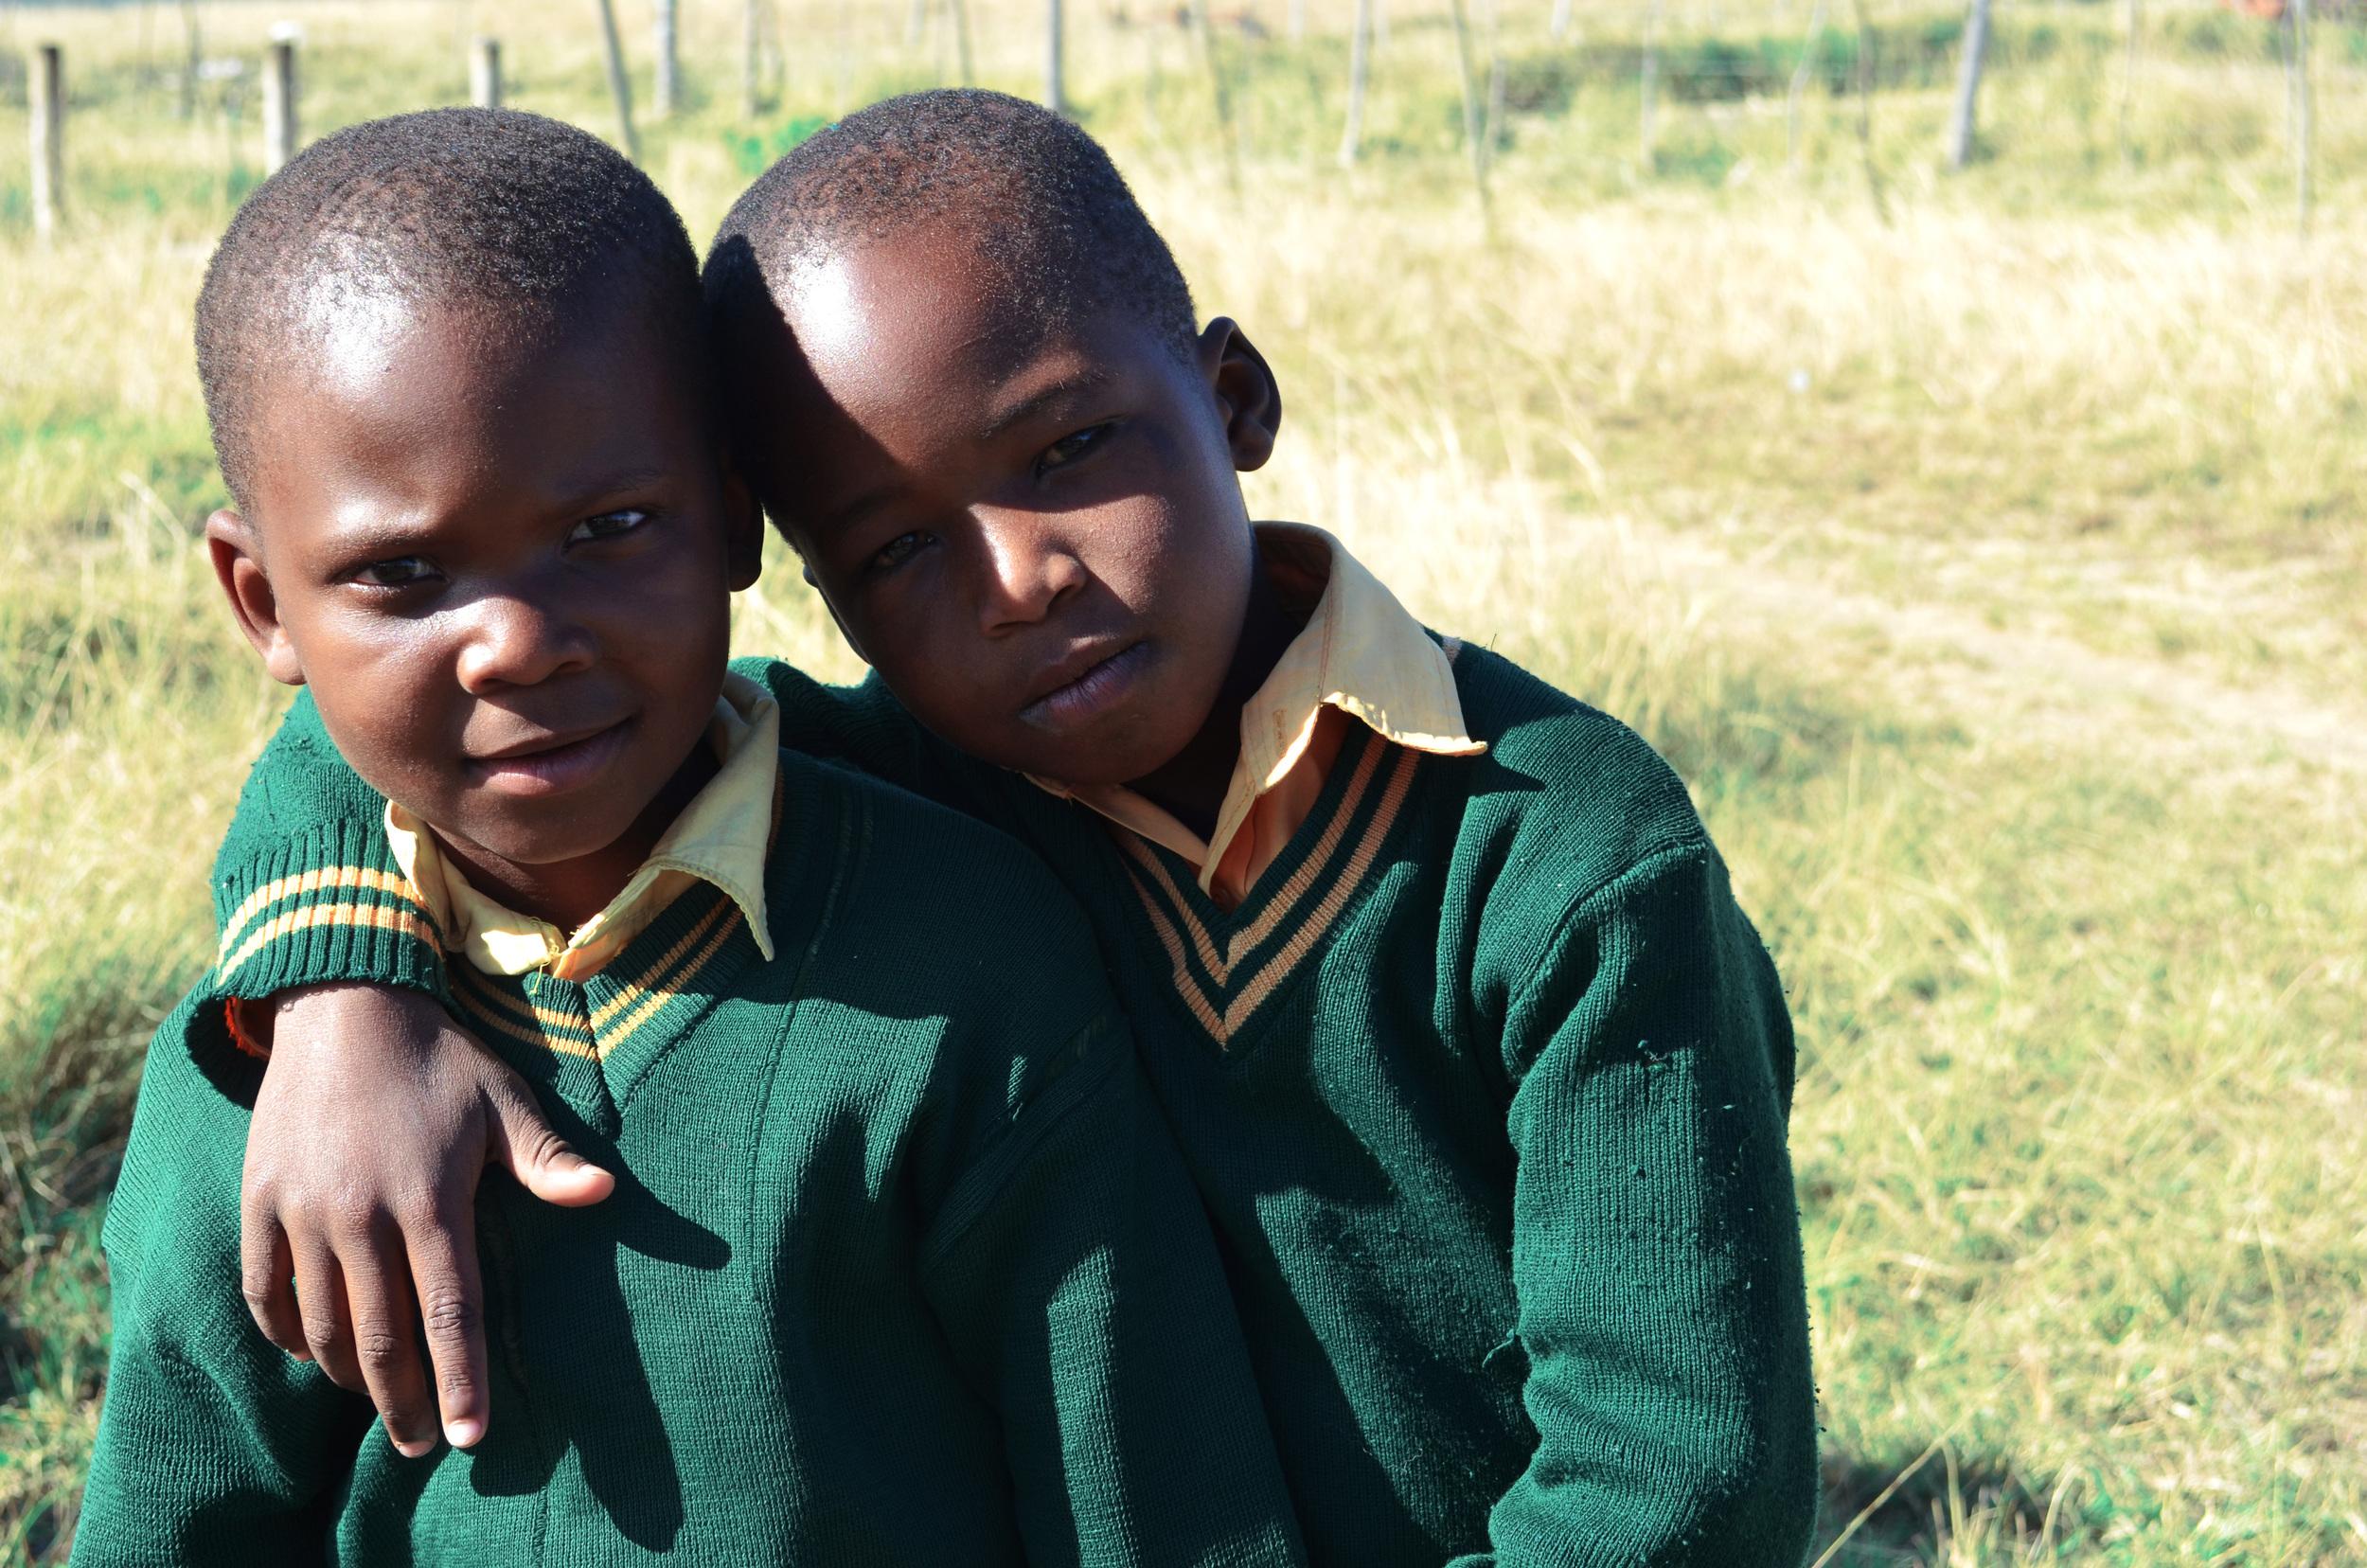 African Child 6.jpg